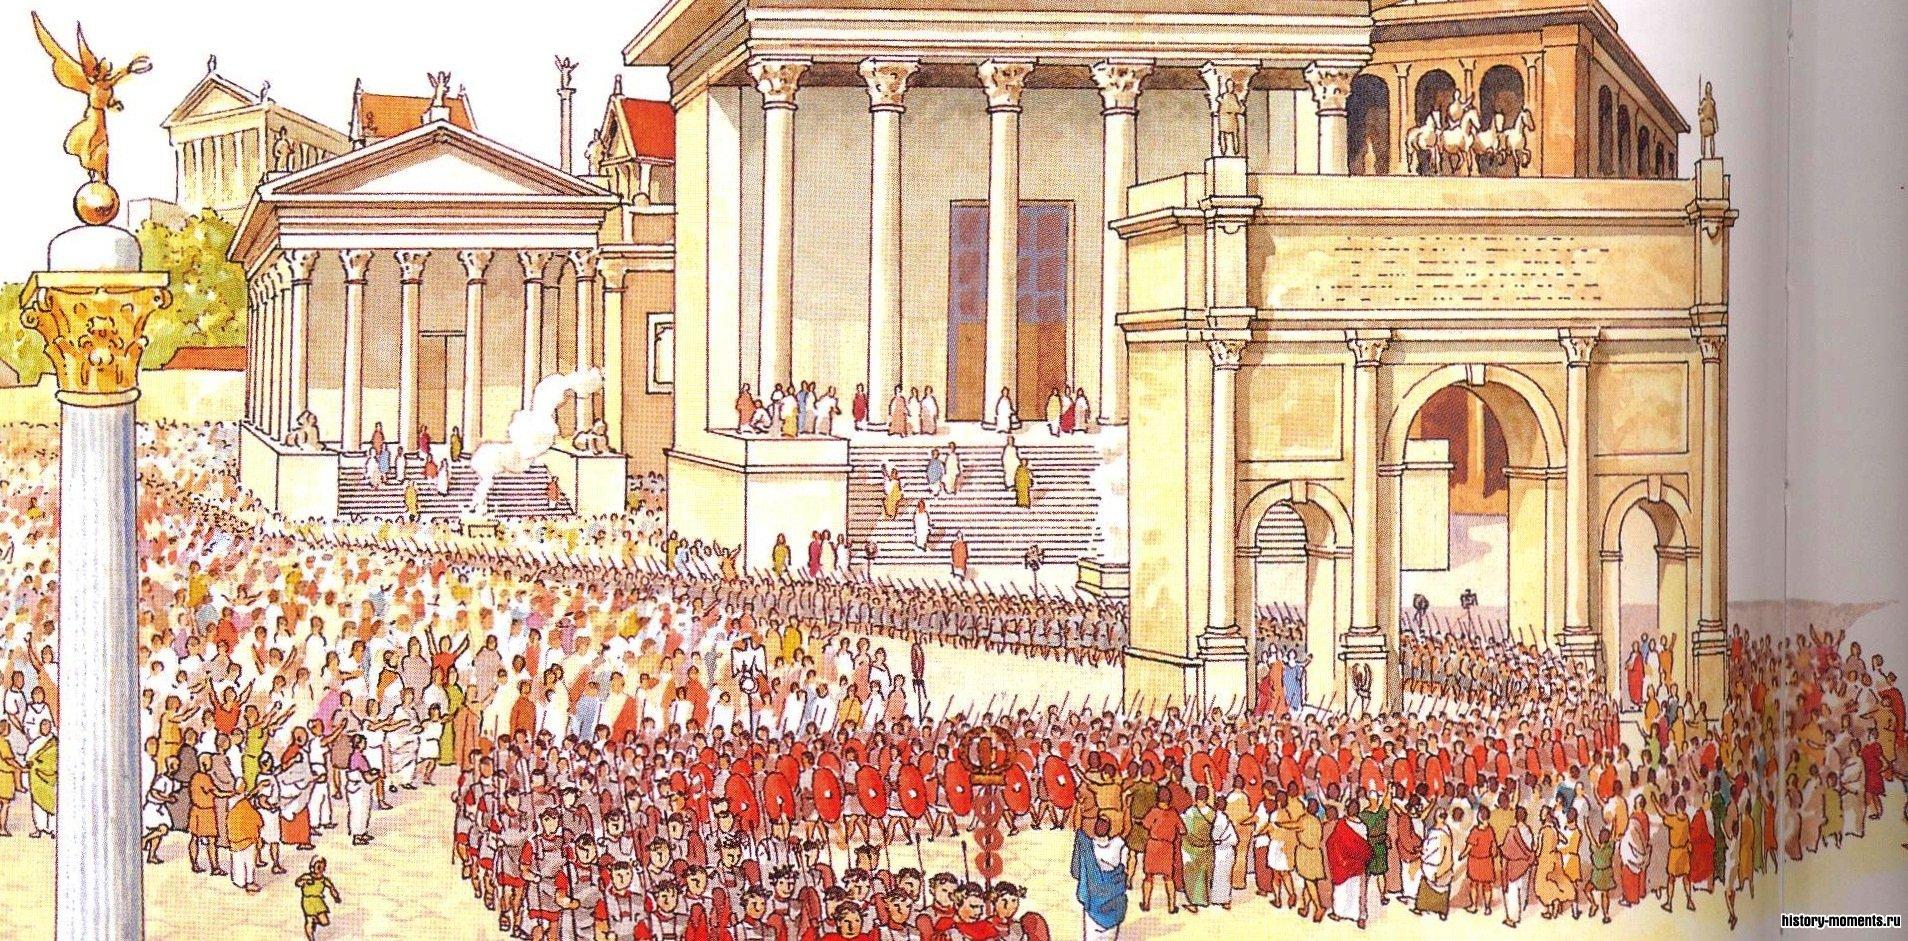 Великим римским полководцам предоставлялся триумф - торжественный въезд в столицу в ознаменование их побед.